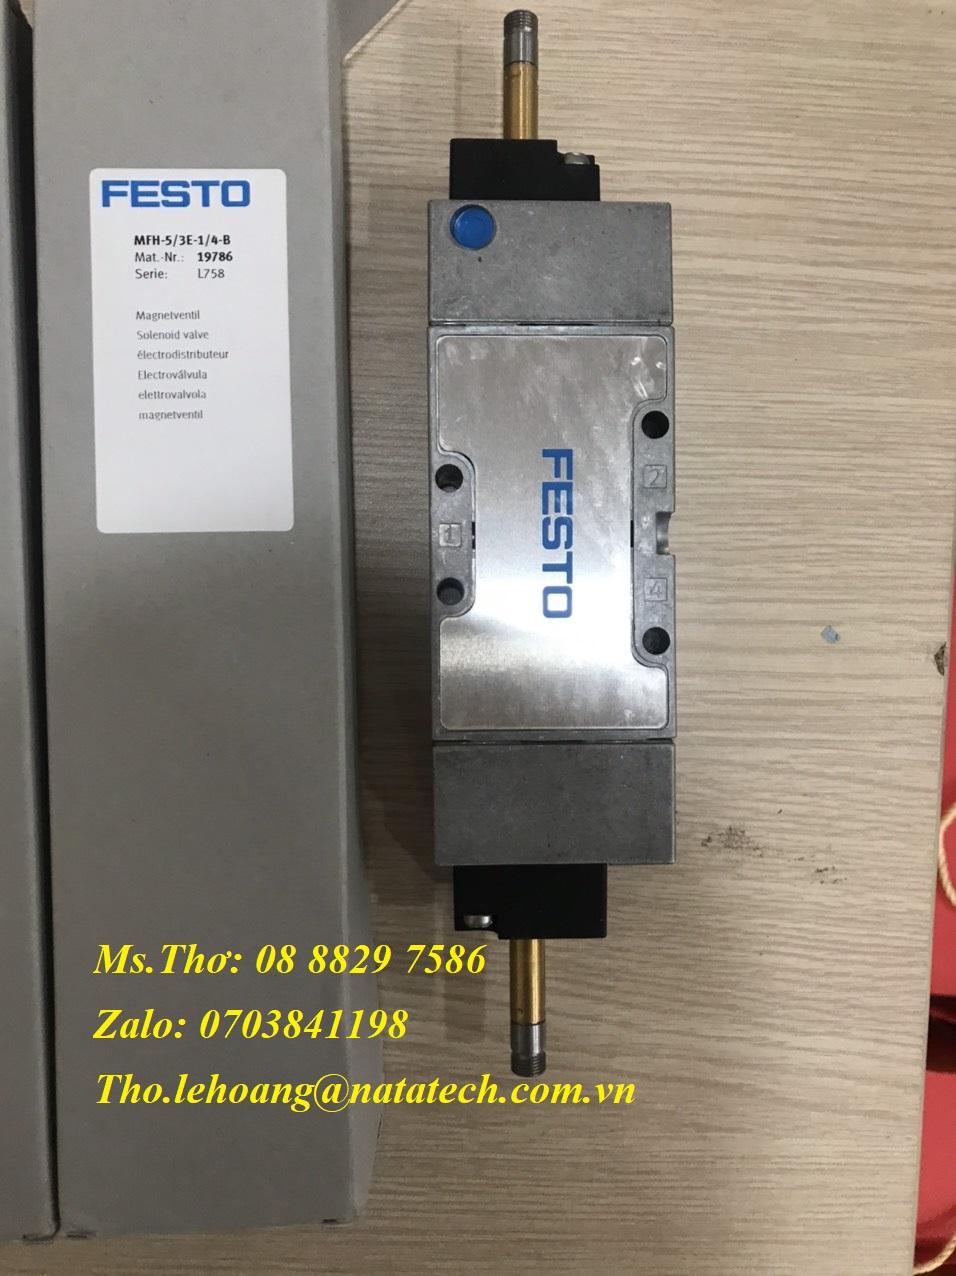 3 Van điện từ Festo MFH-5/3E-1/4-B - 19786 - CTy TNHH Natatech